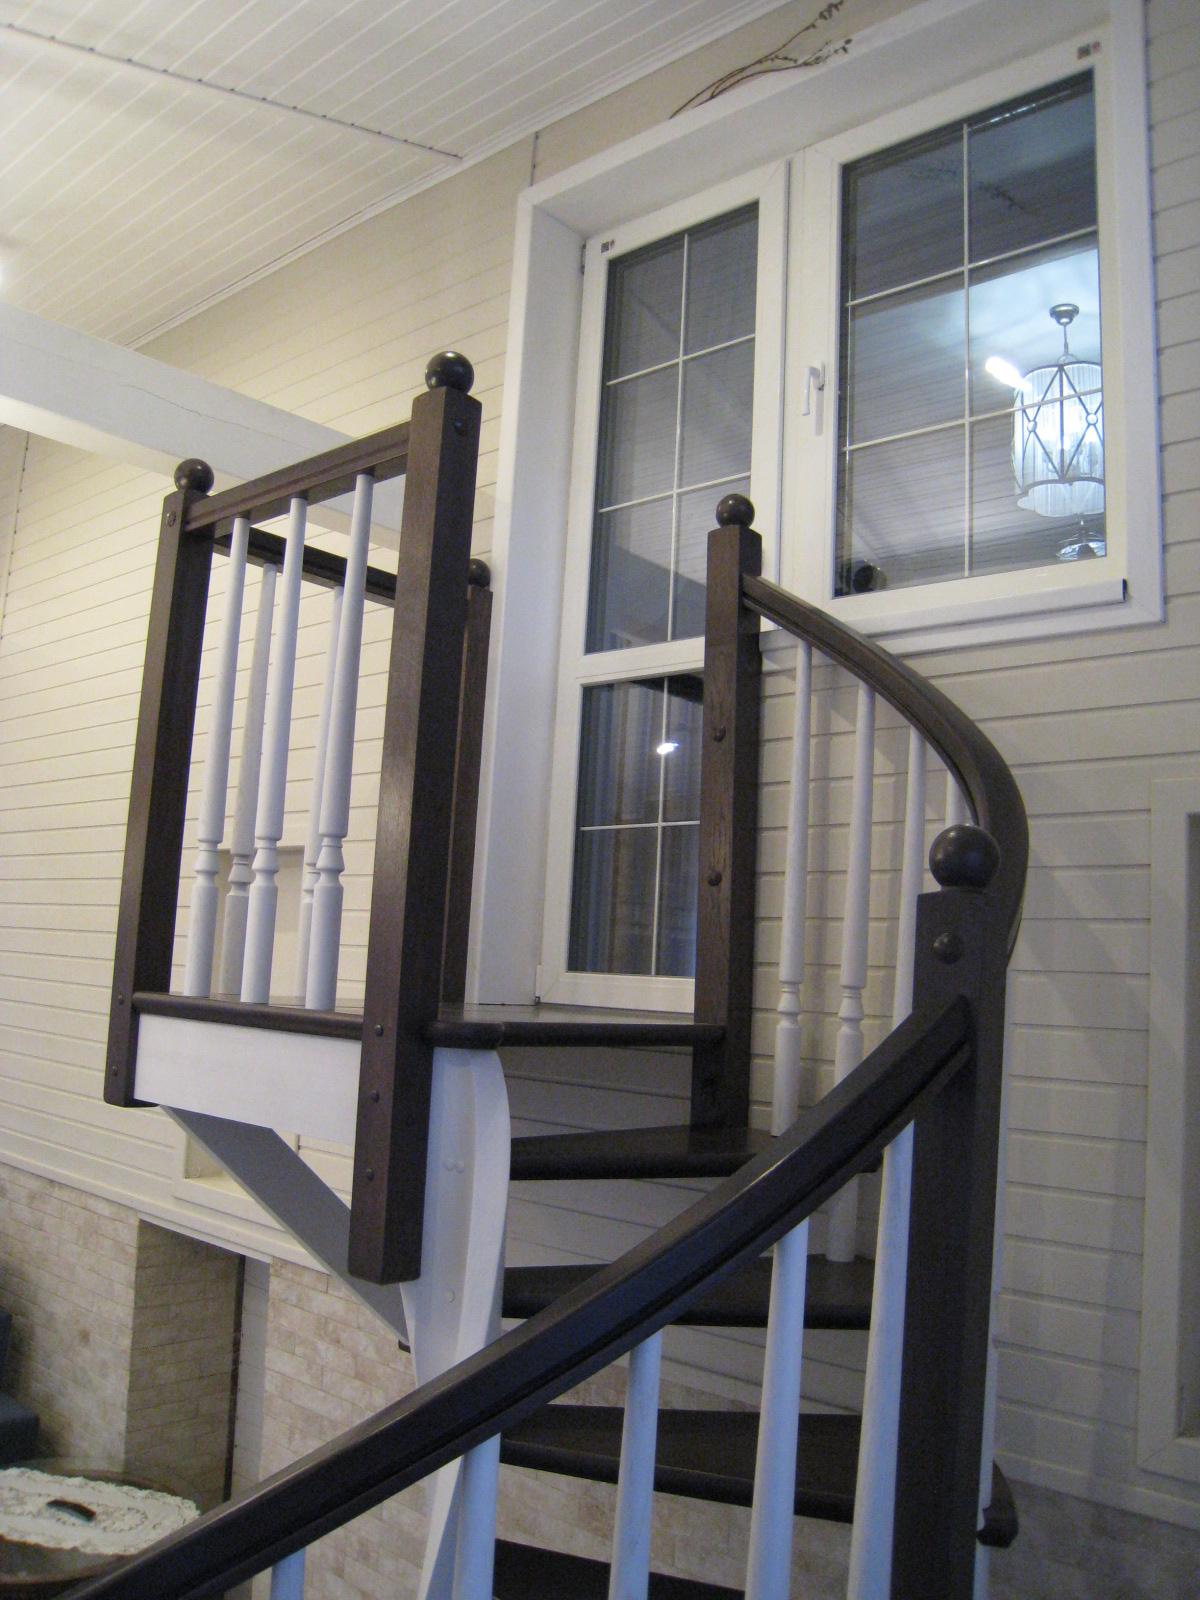 Винтовая лестница на второй этаж дома Ленинградская область